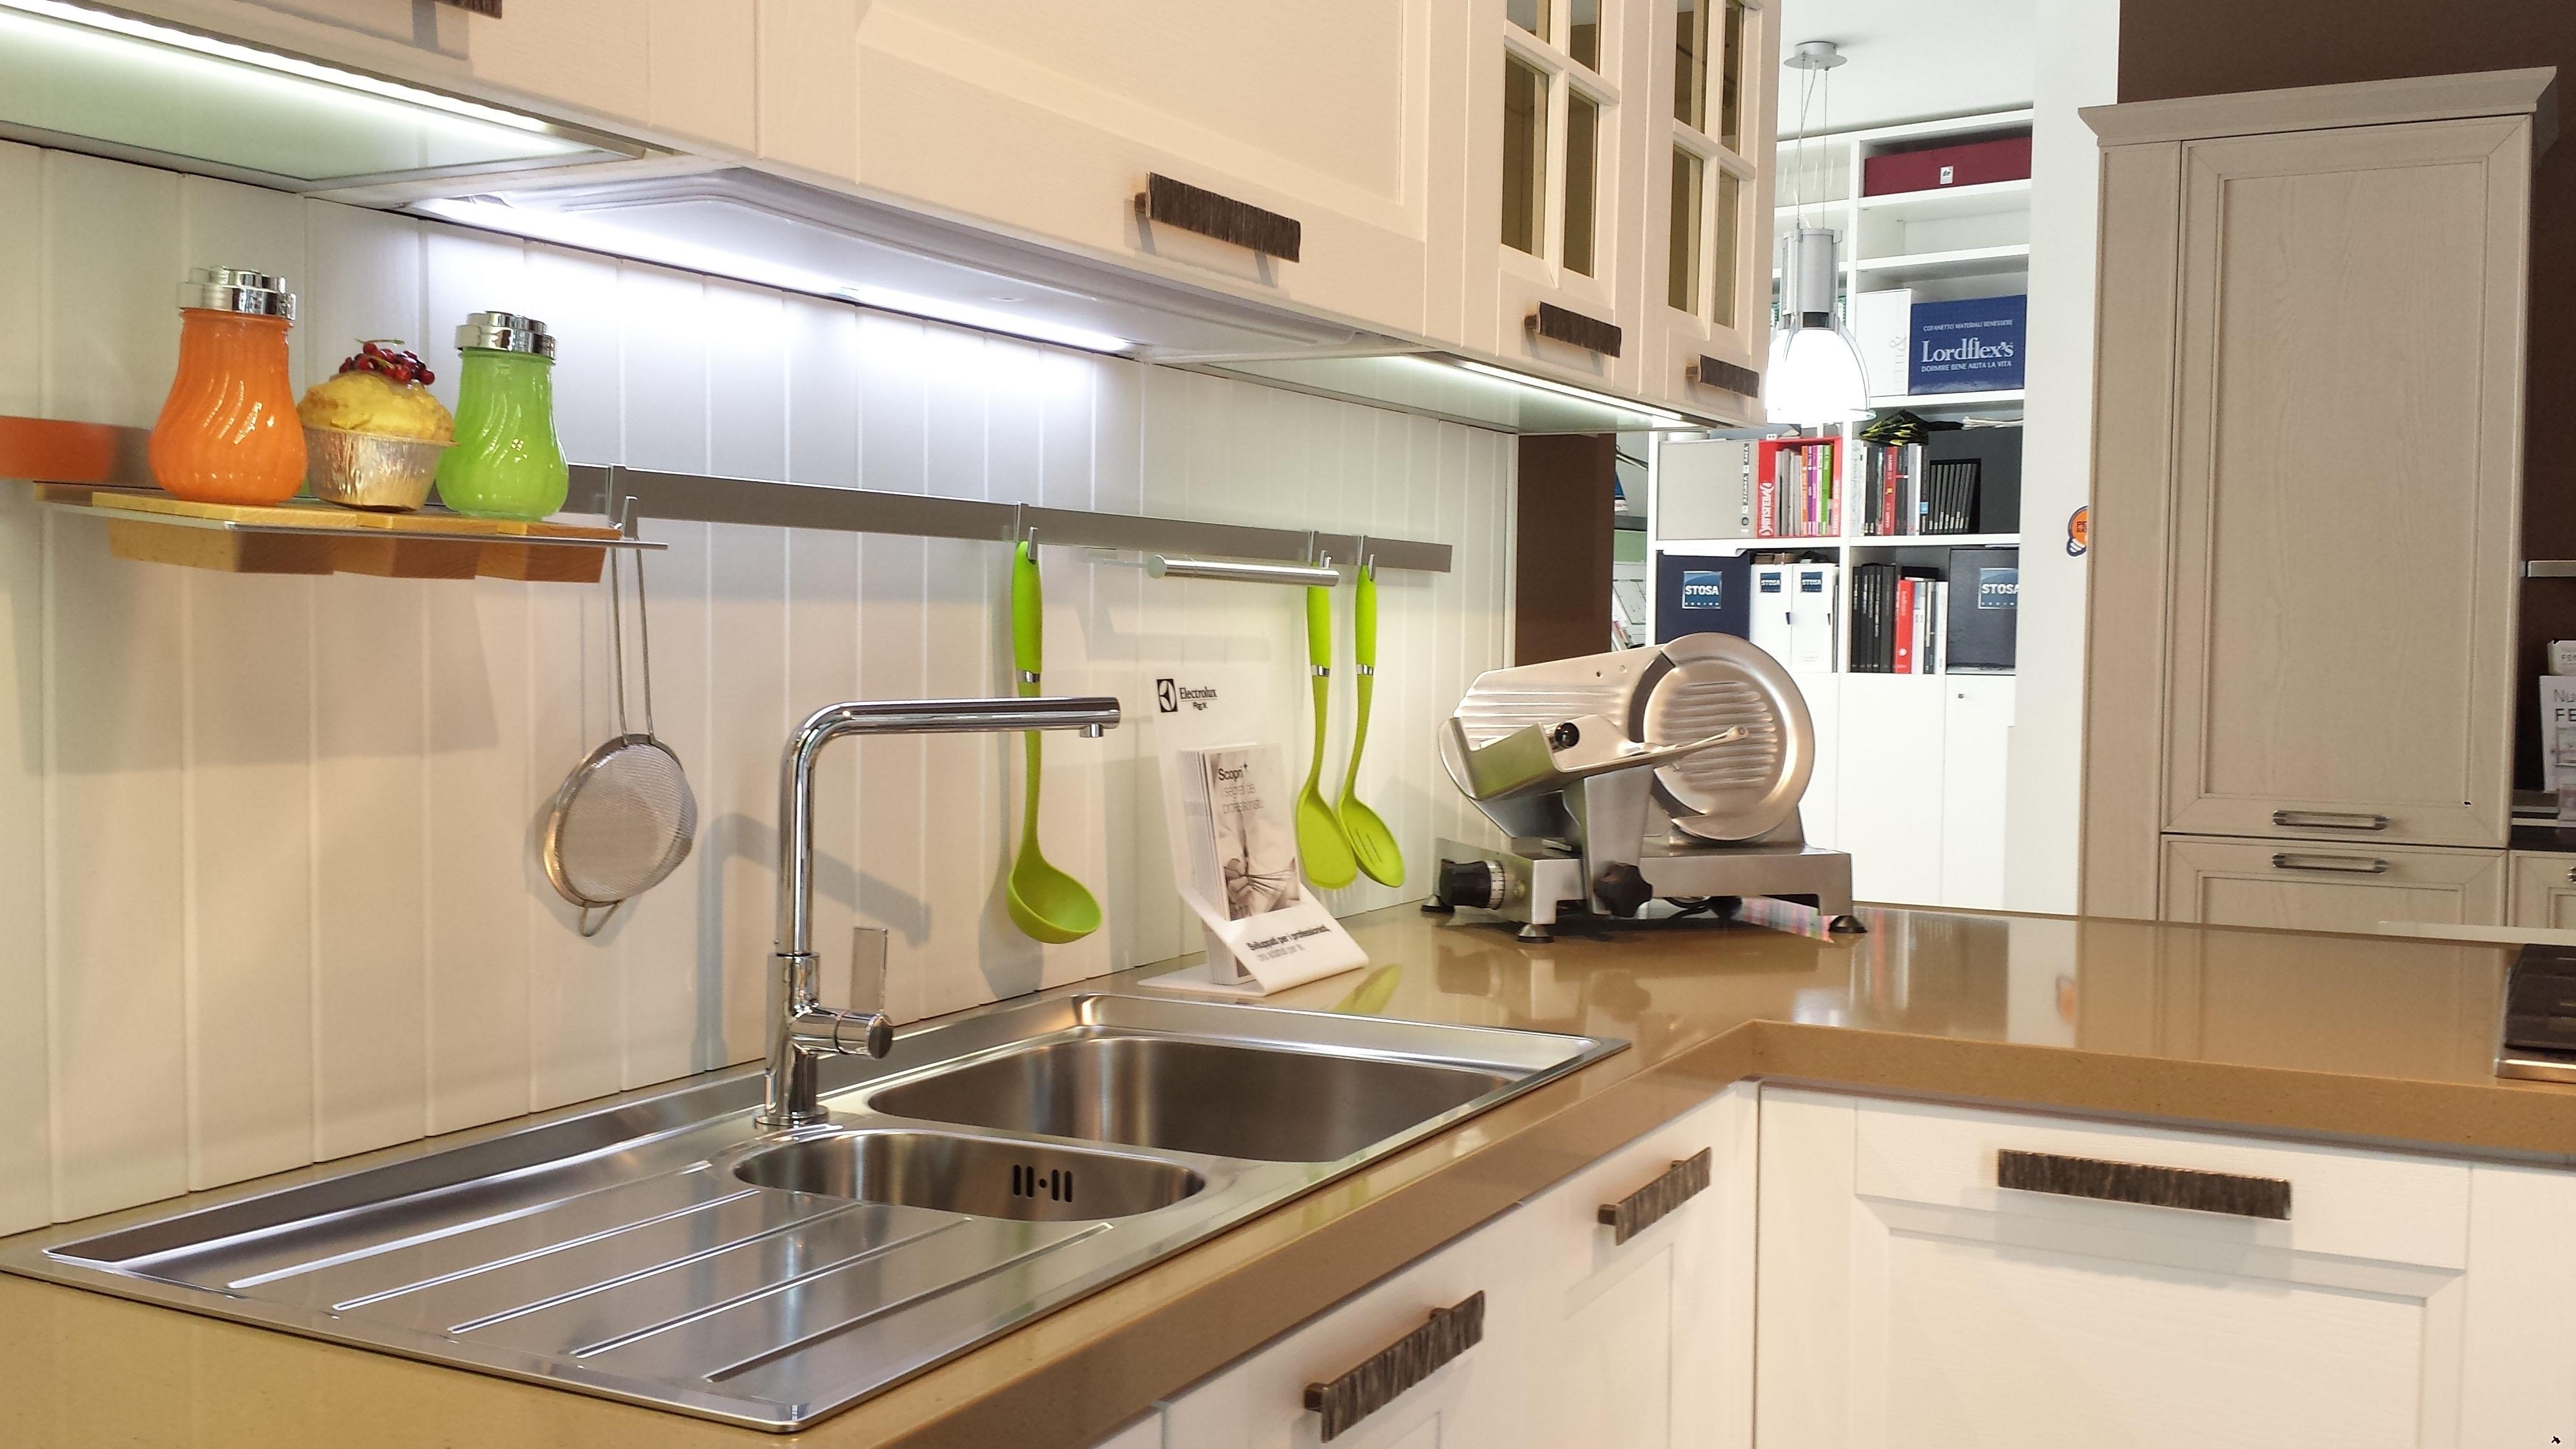 Cucina stosa beverly in promozione cucine a prezzi scontati - Cucina beverly stosa ...